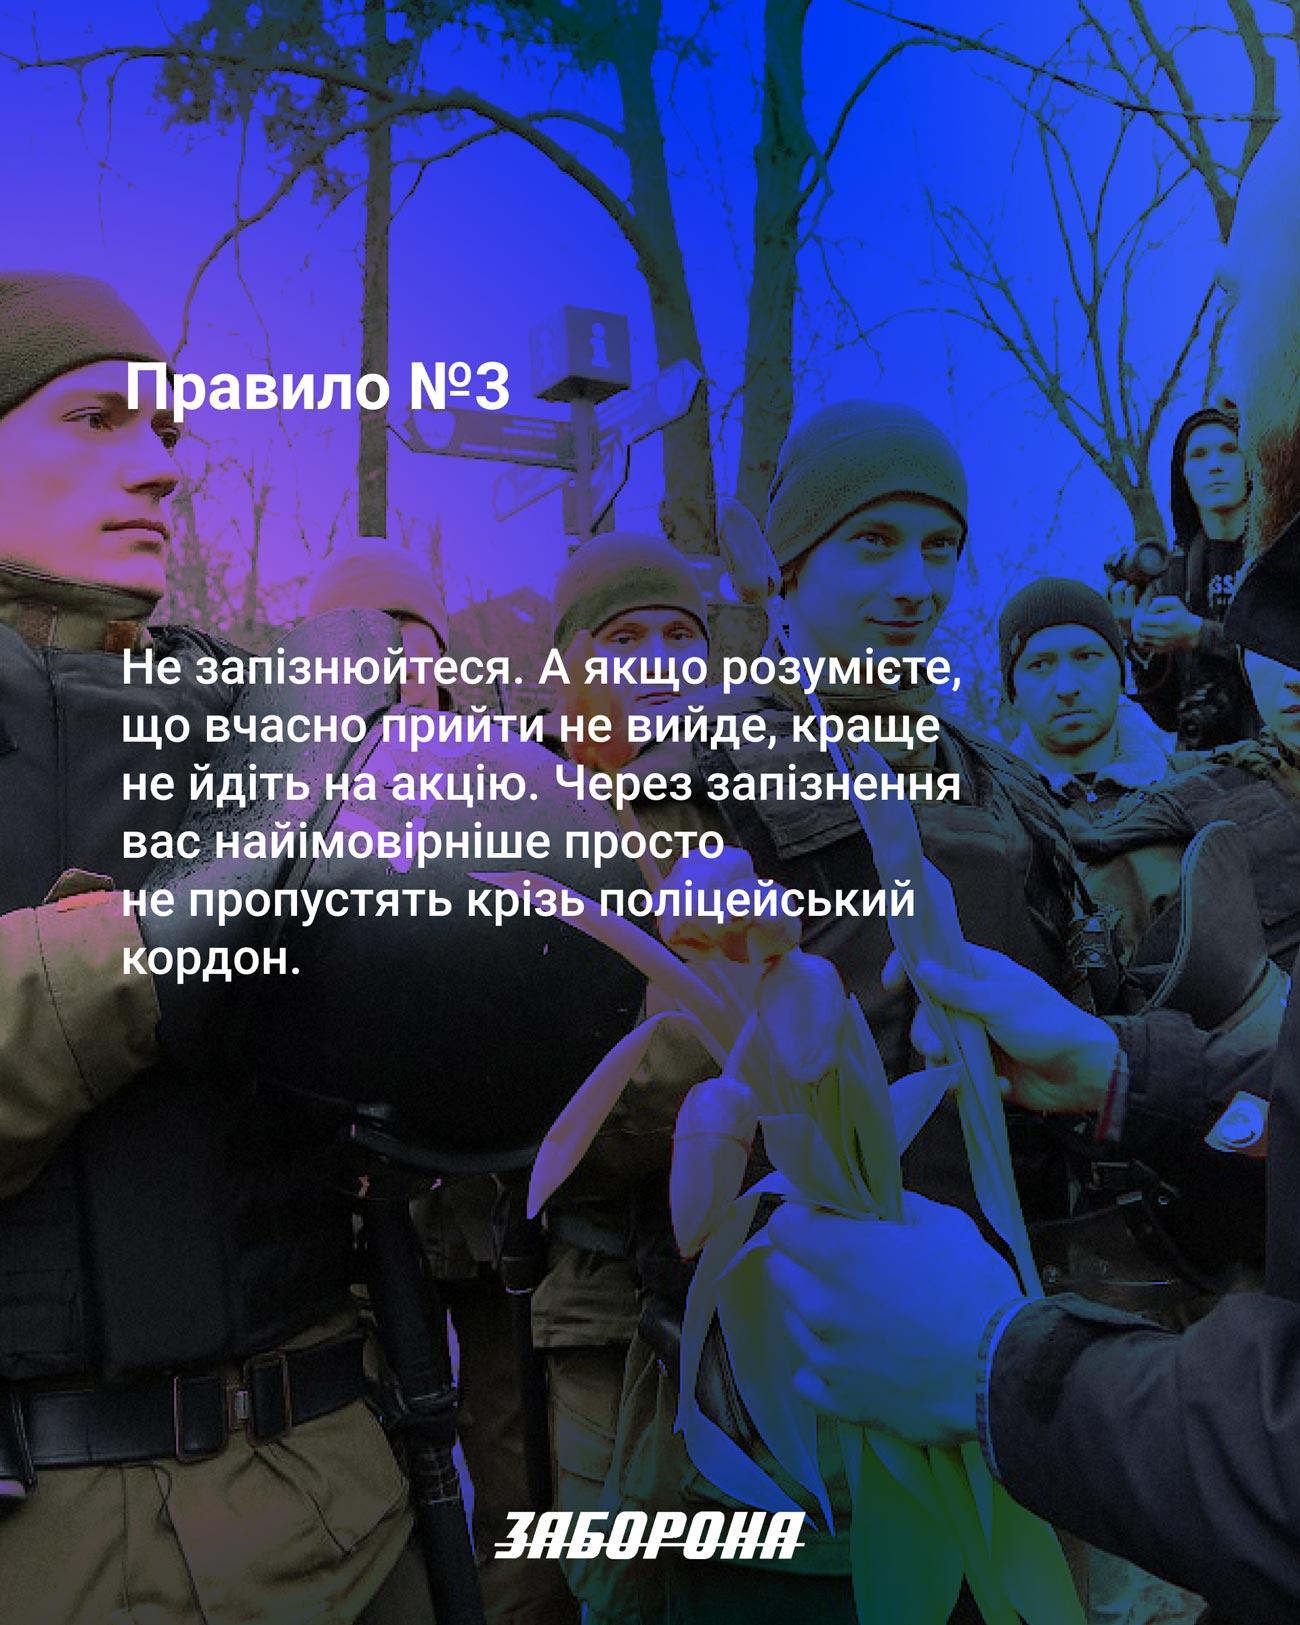 women march cards rule 3 ua - <b>Як сходити на марш і вернутися неушкодженою.</b> Коротка інструкція з безпеки - Заборона